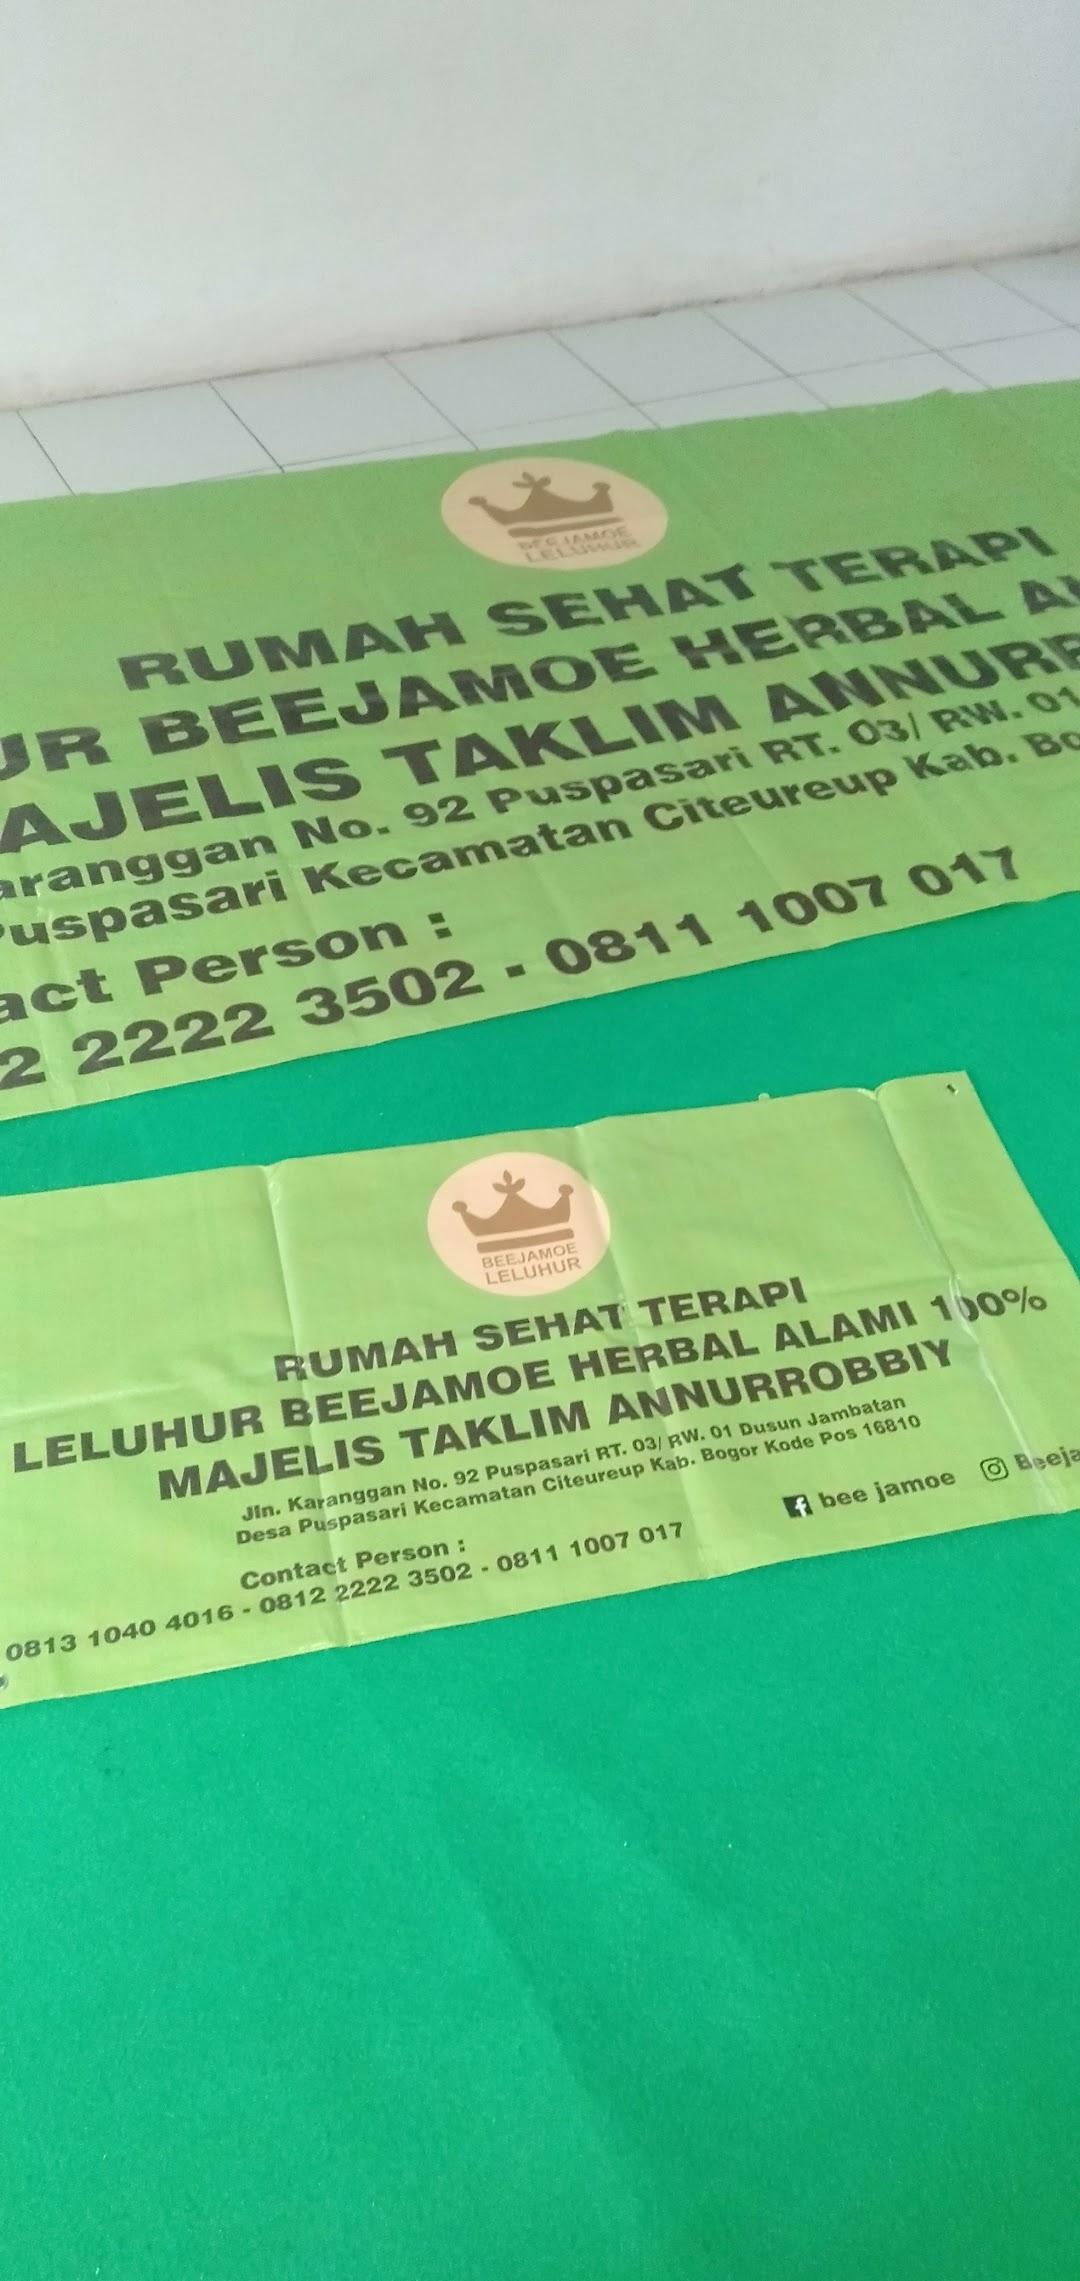 rumah sehat terapi ruqiah di kota Bogor